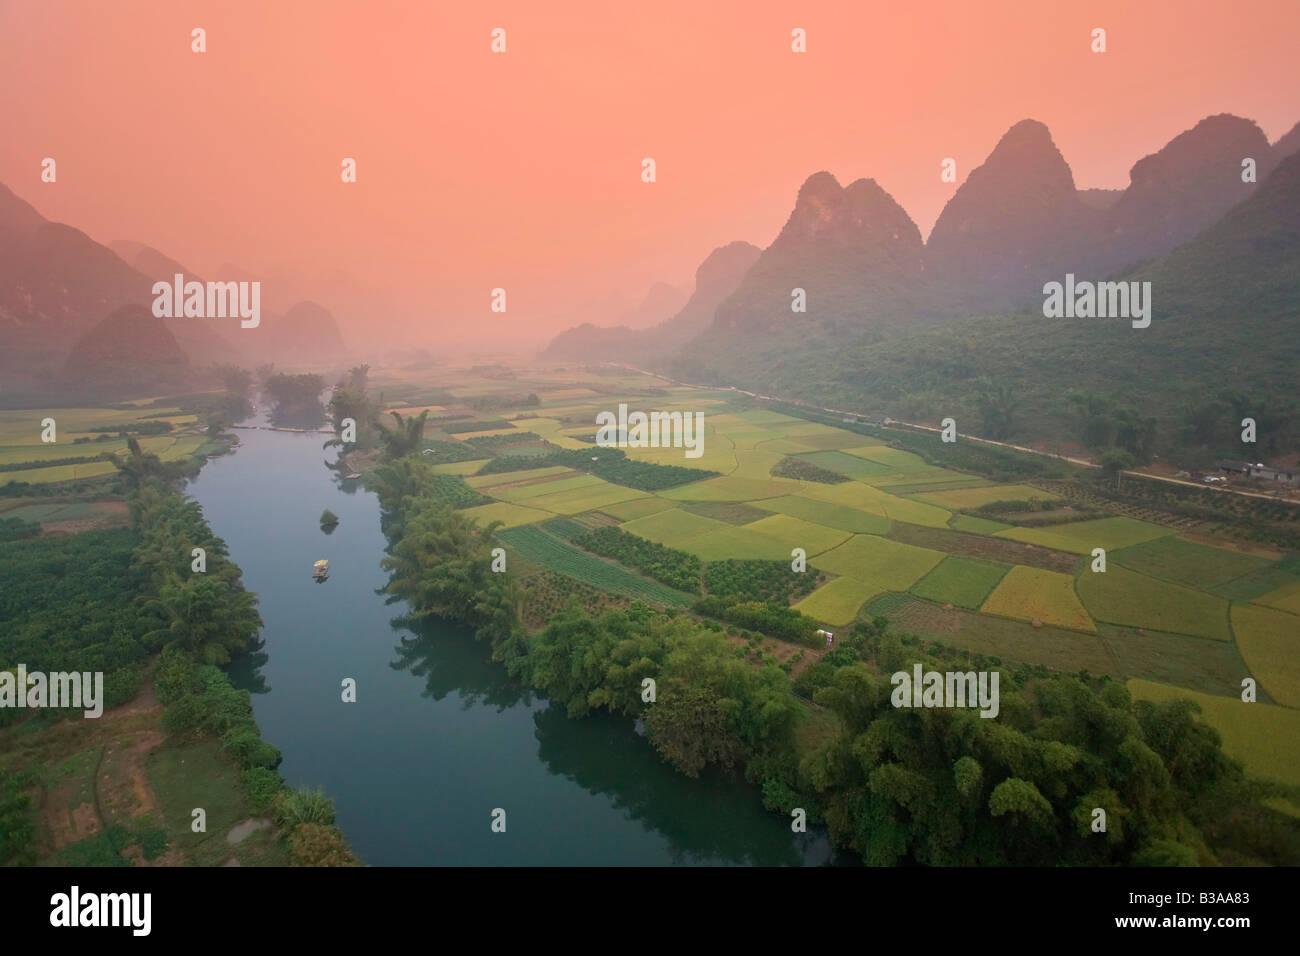 Paysage de montagnes karstiques & Li River de ballon à air chaud, Guilin, Yangshuo, Guangxi Province, China Photo Stock